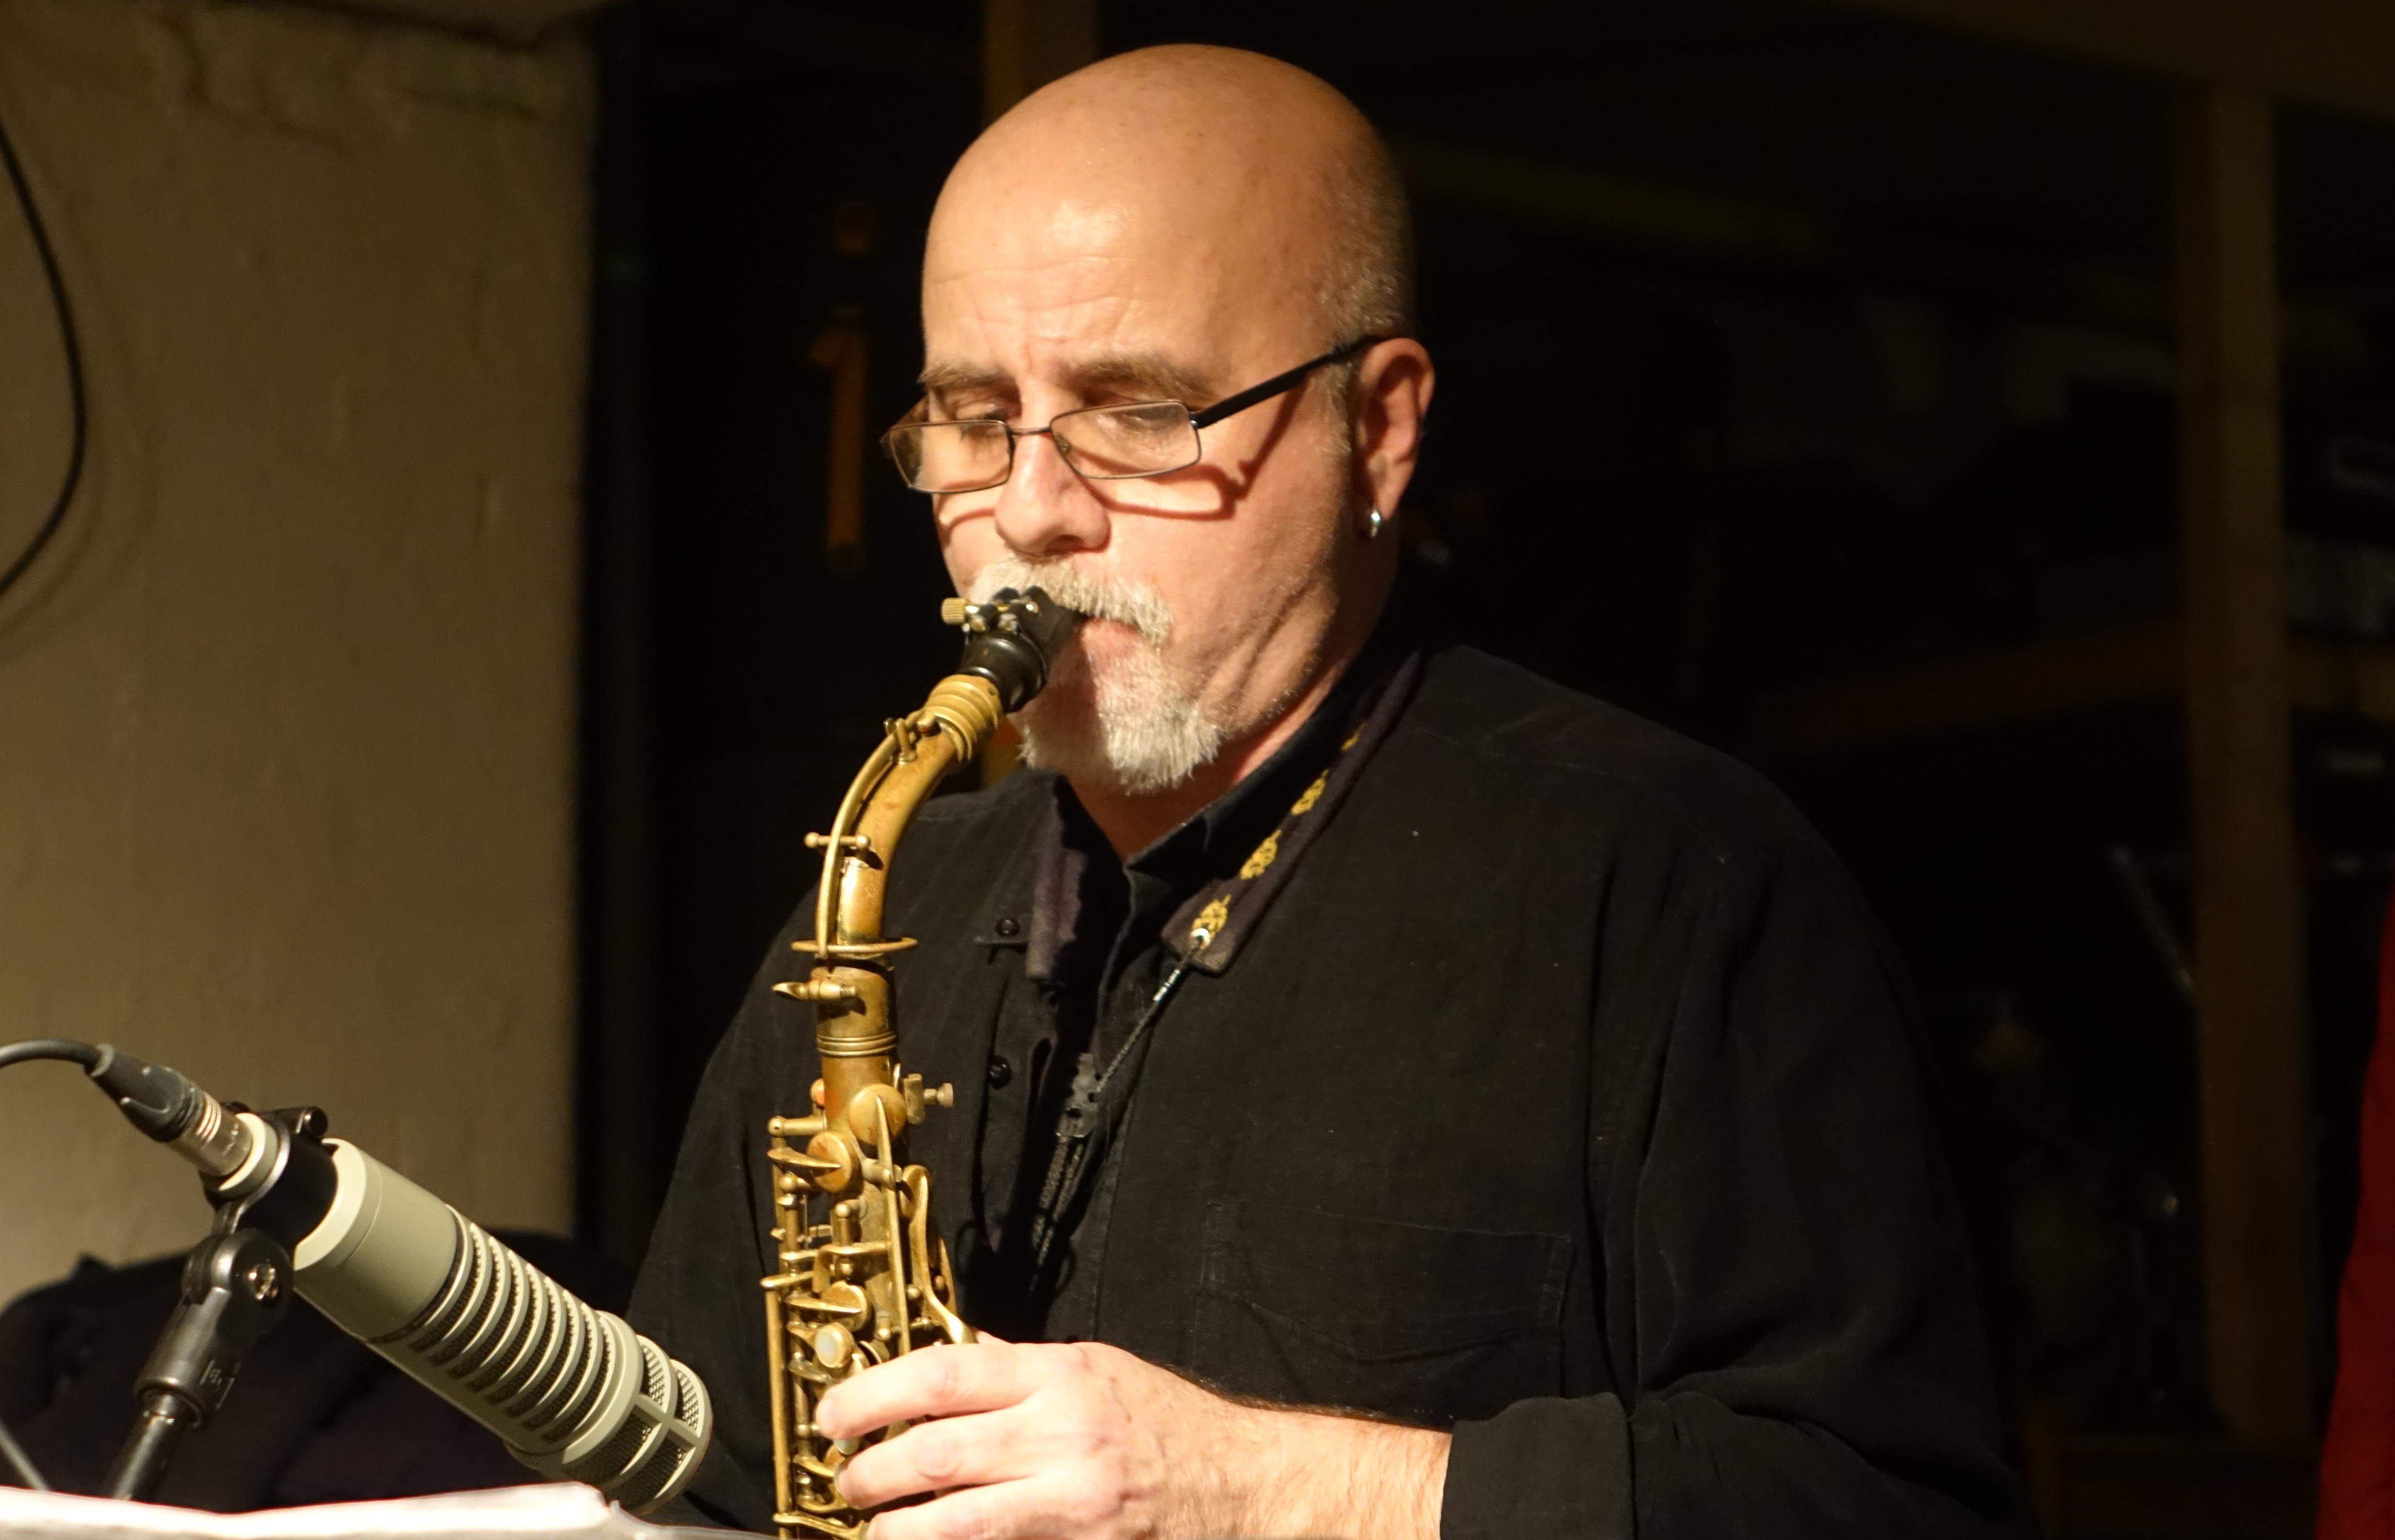 Ricardo Tejero at Cafe Oto, London in January 2019